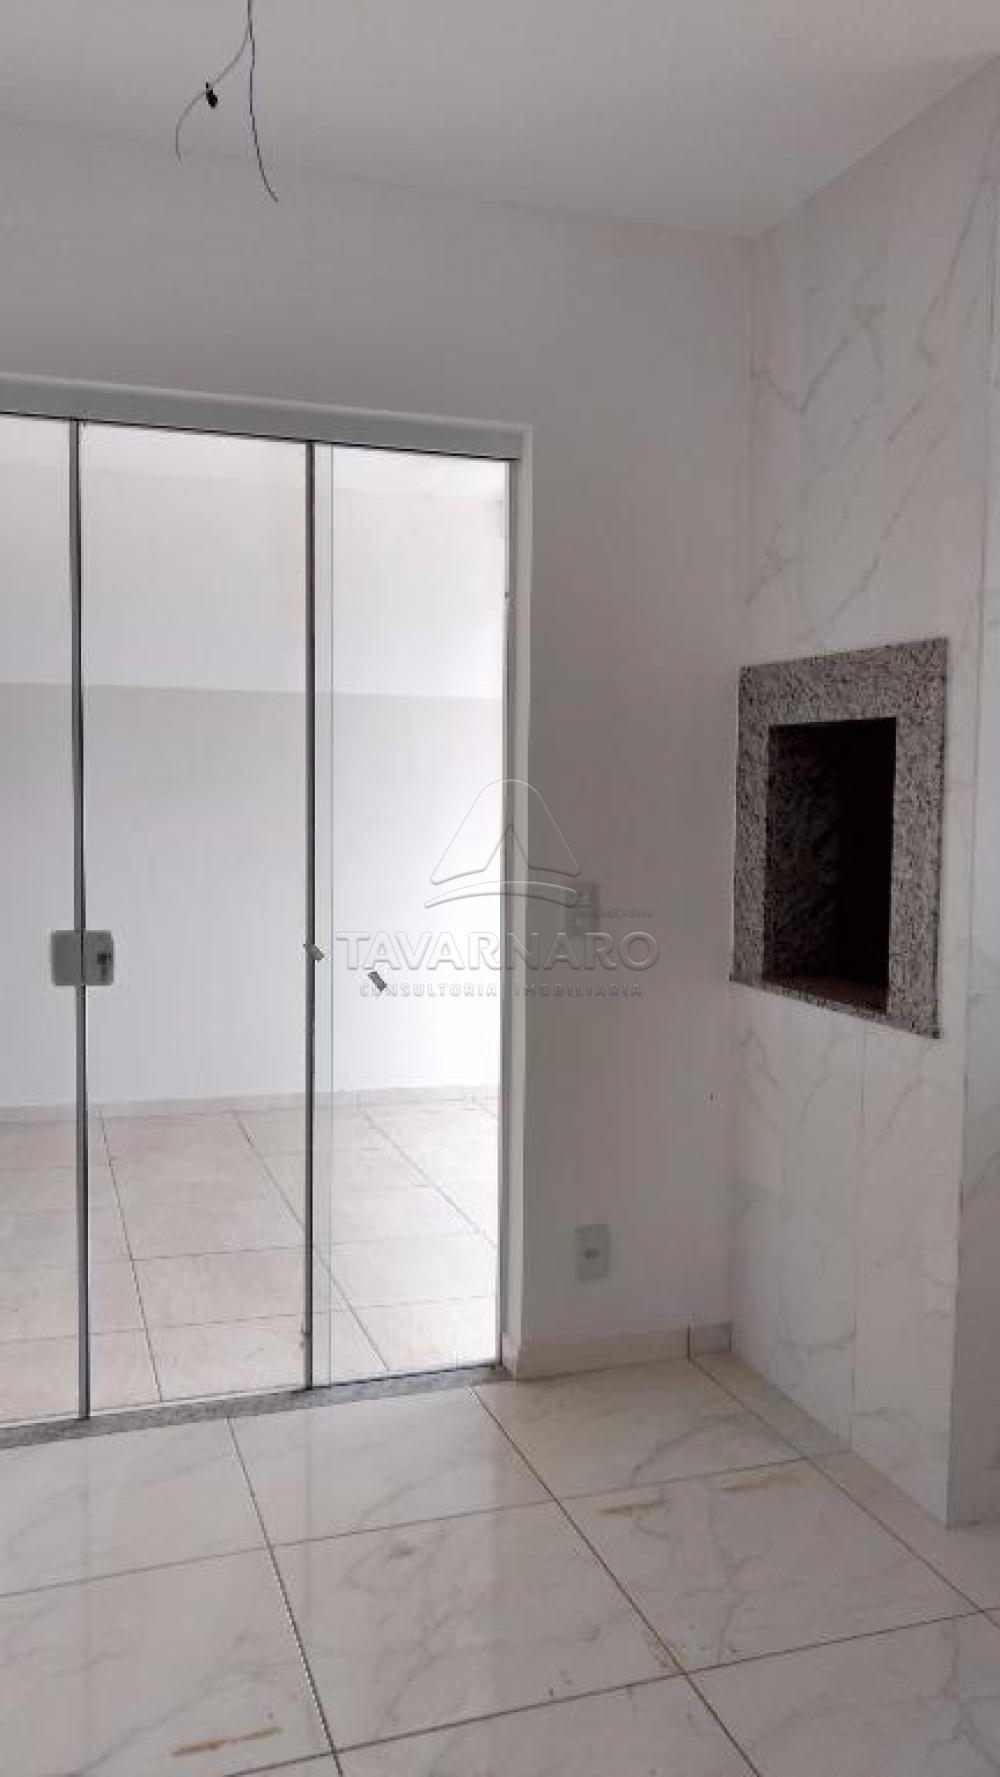 Comprar Casa / Sobrado em Ponta Grossa apenas R$ 700.000,00 - Foto 12